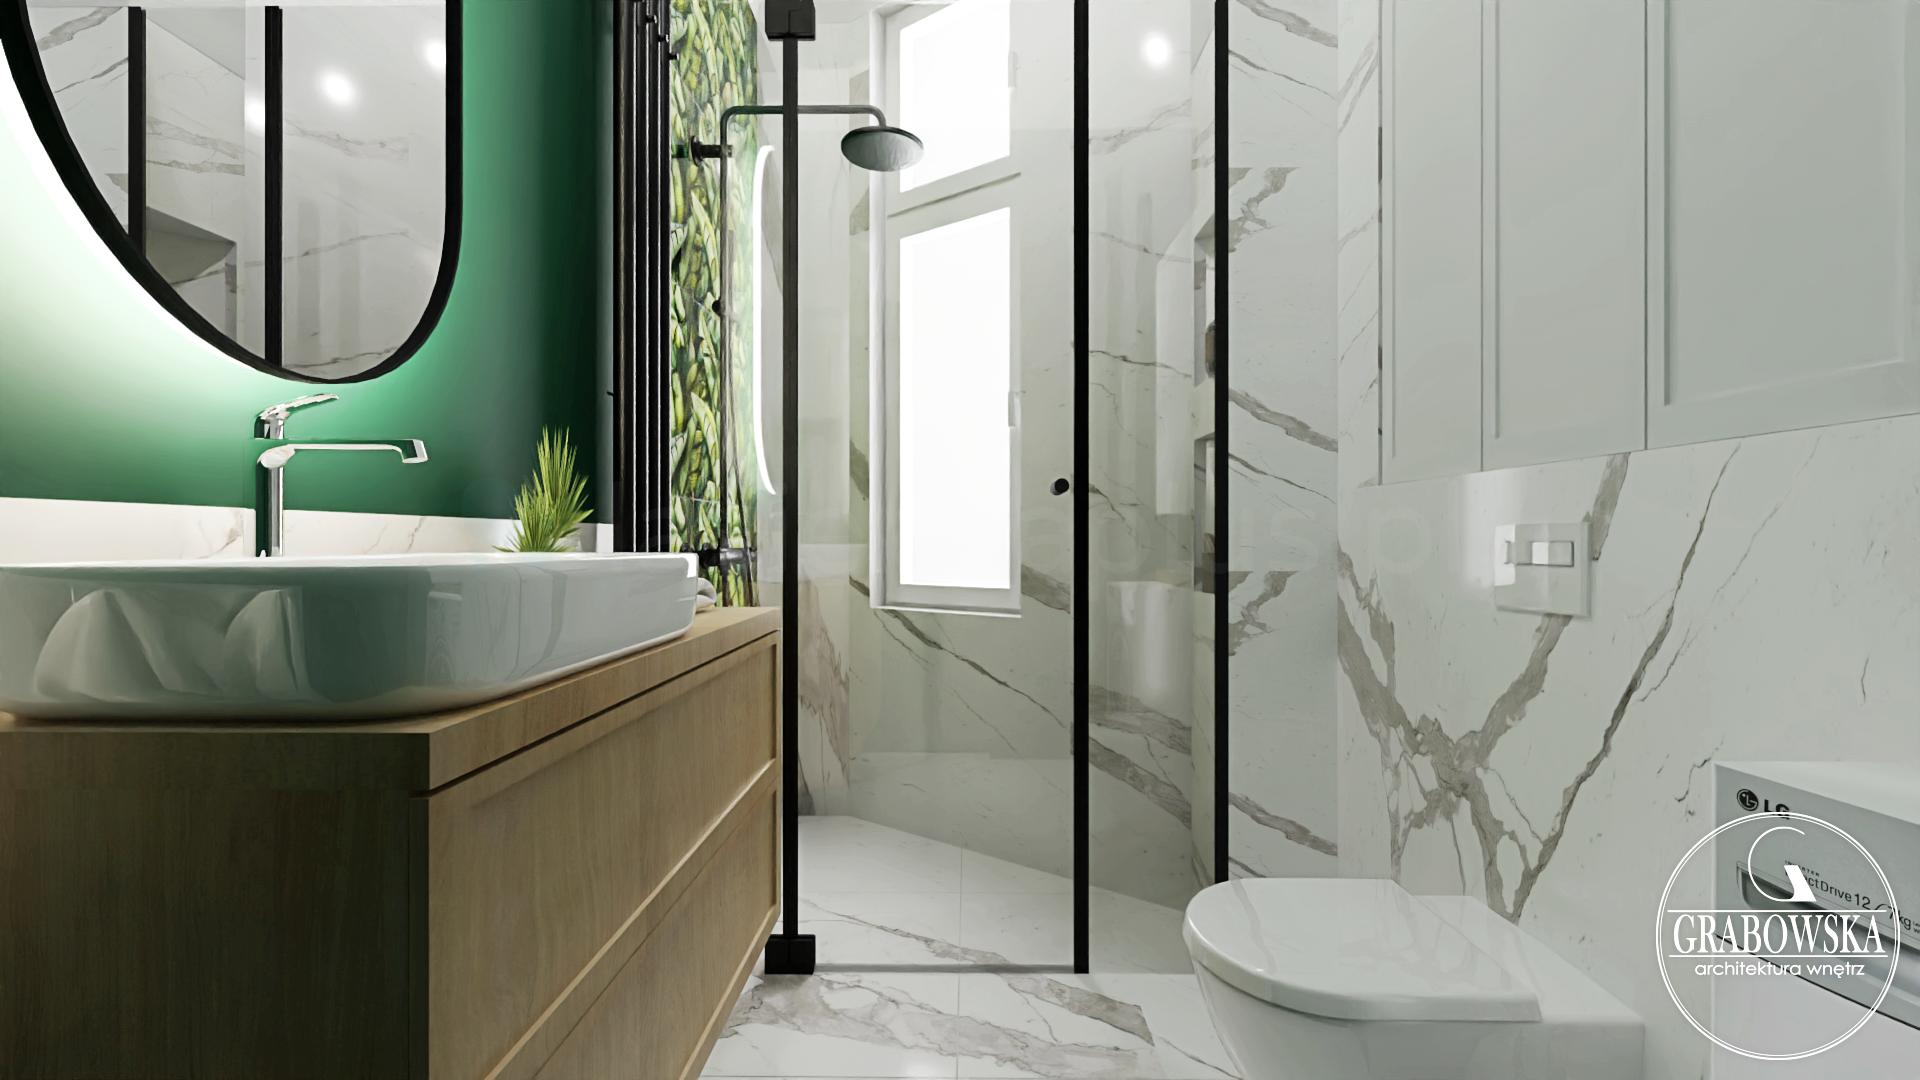 Nowoczesna łazienka z motywem zieleni